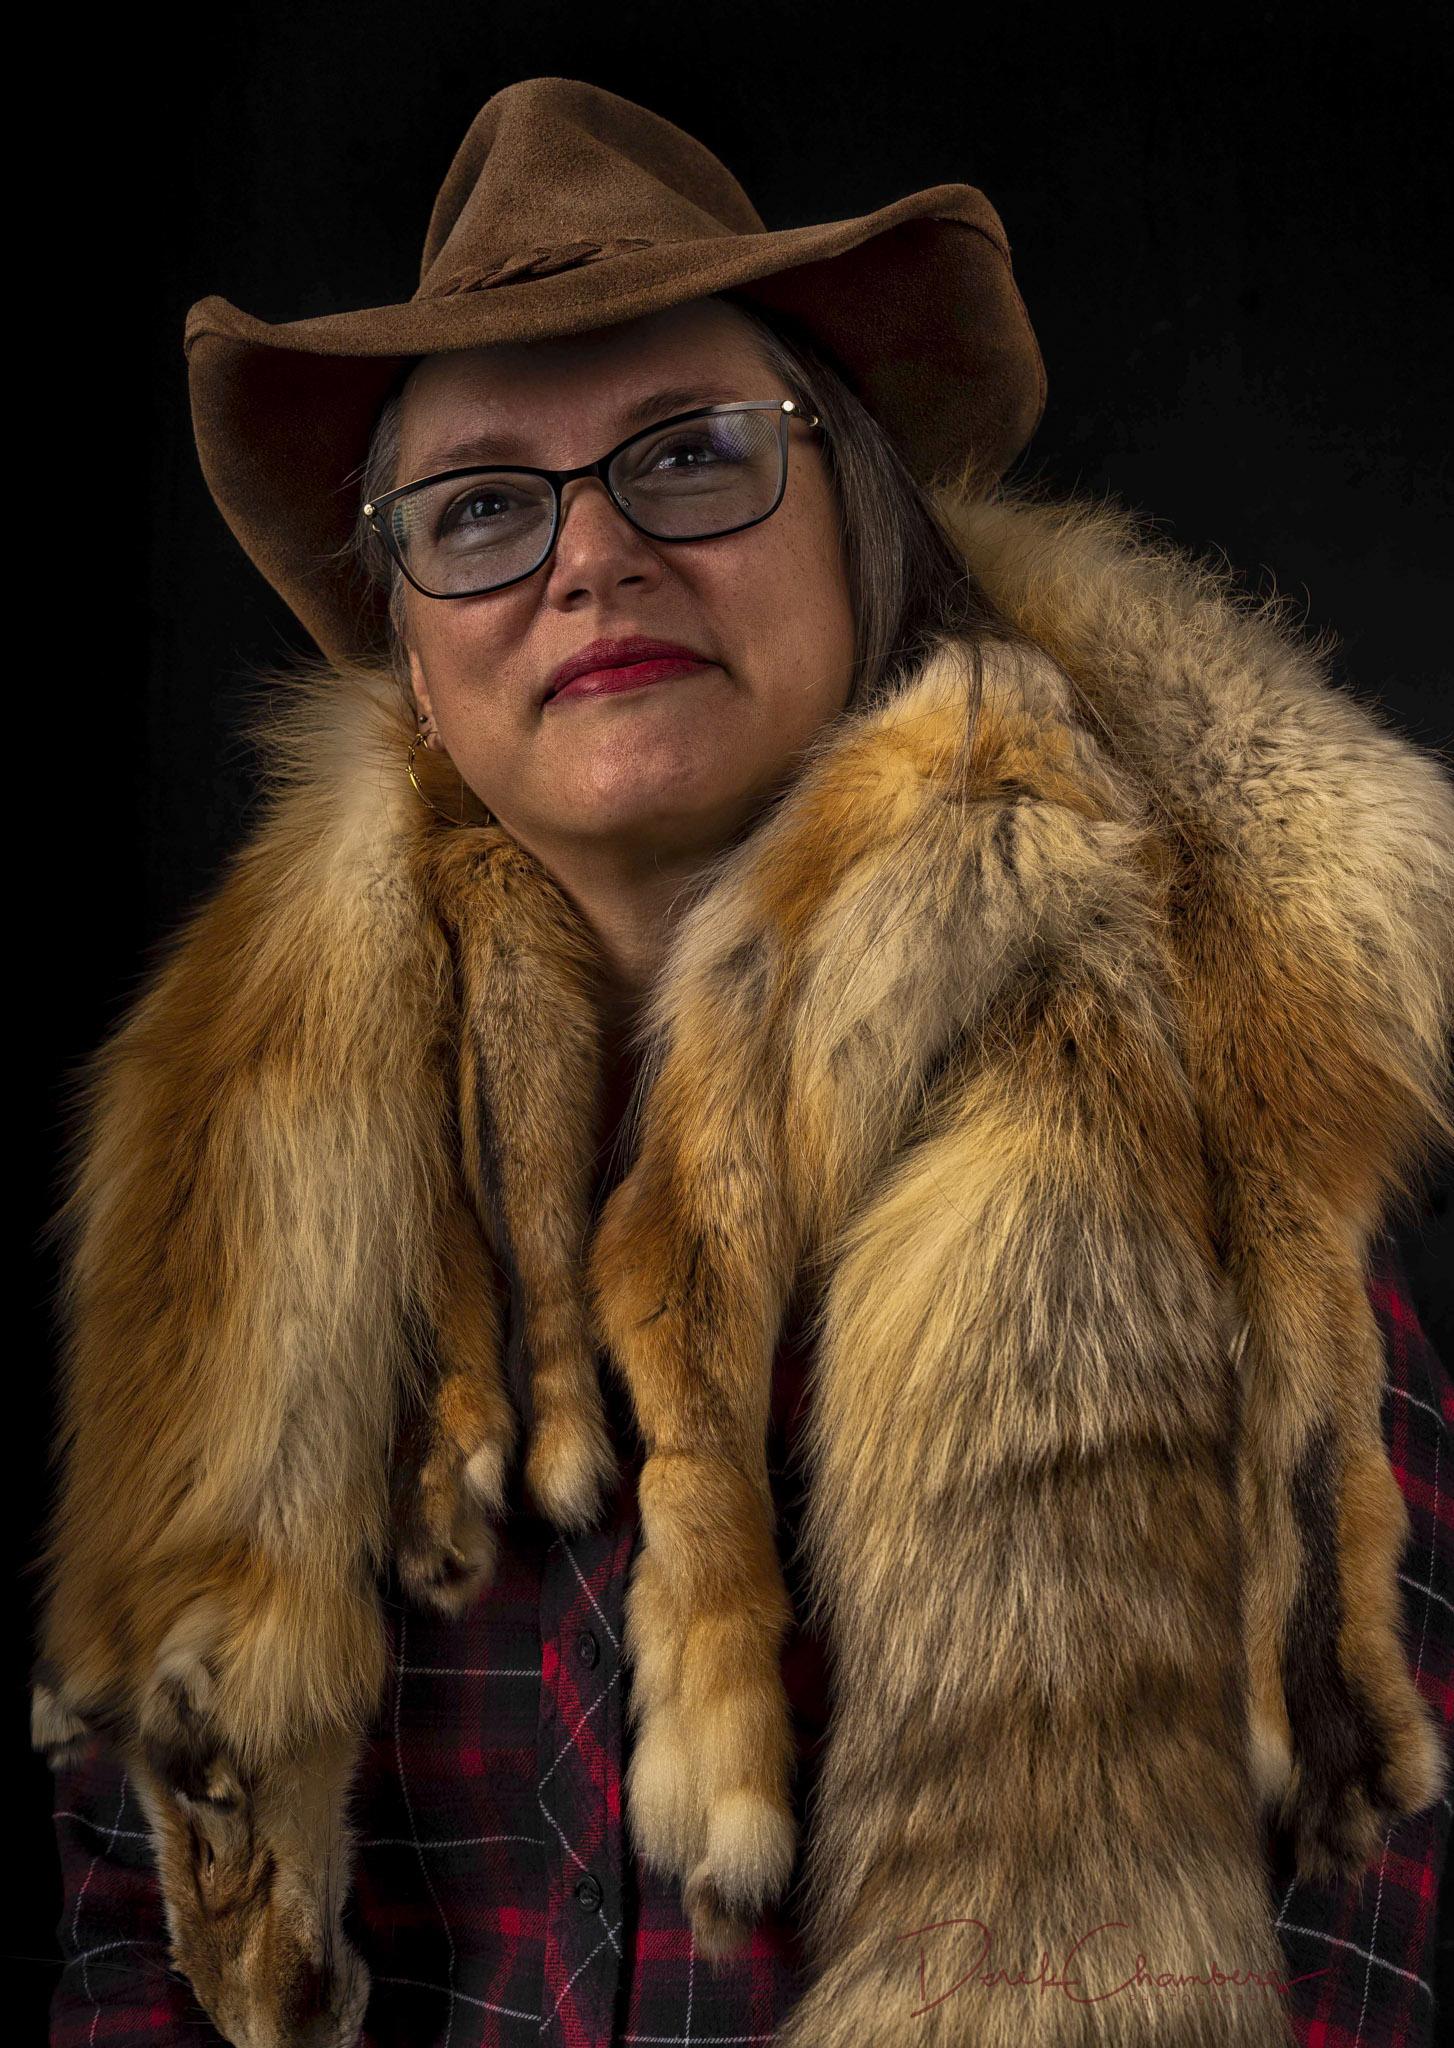 In Furs - Derek Chambers